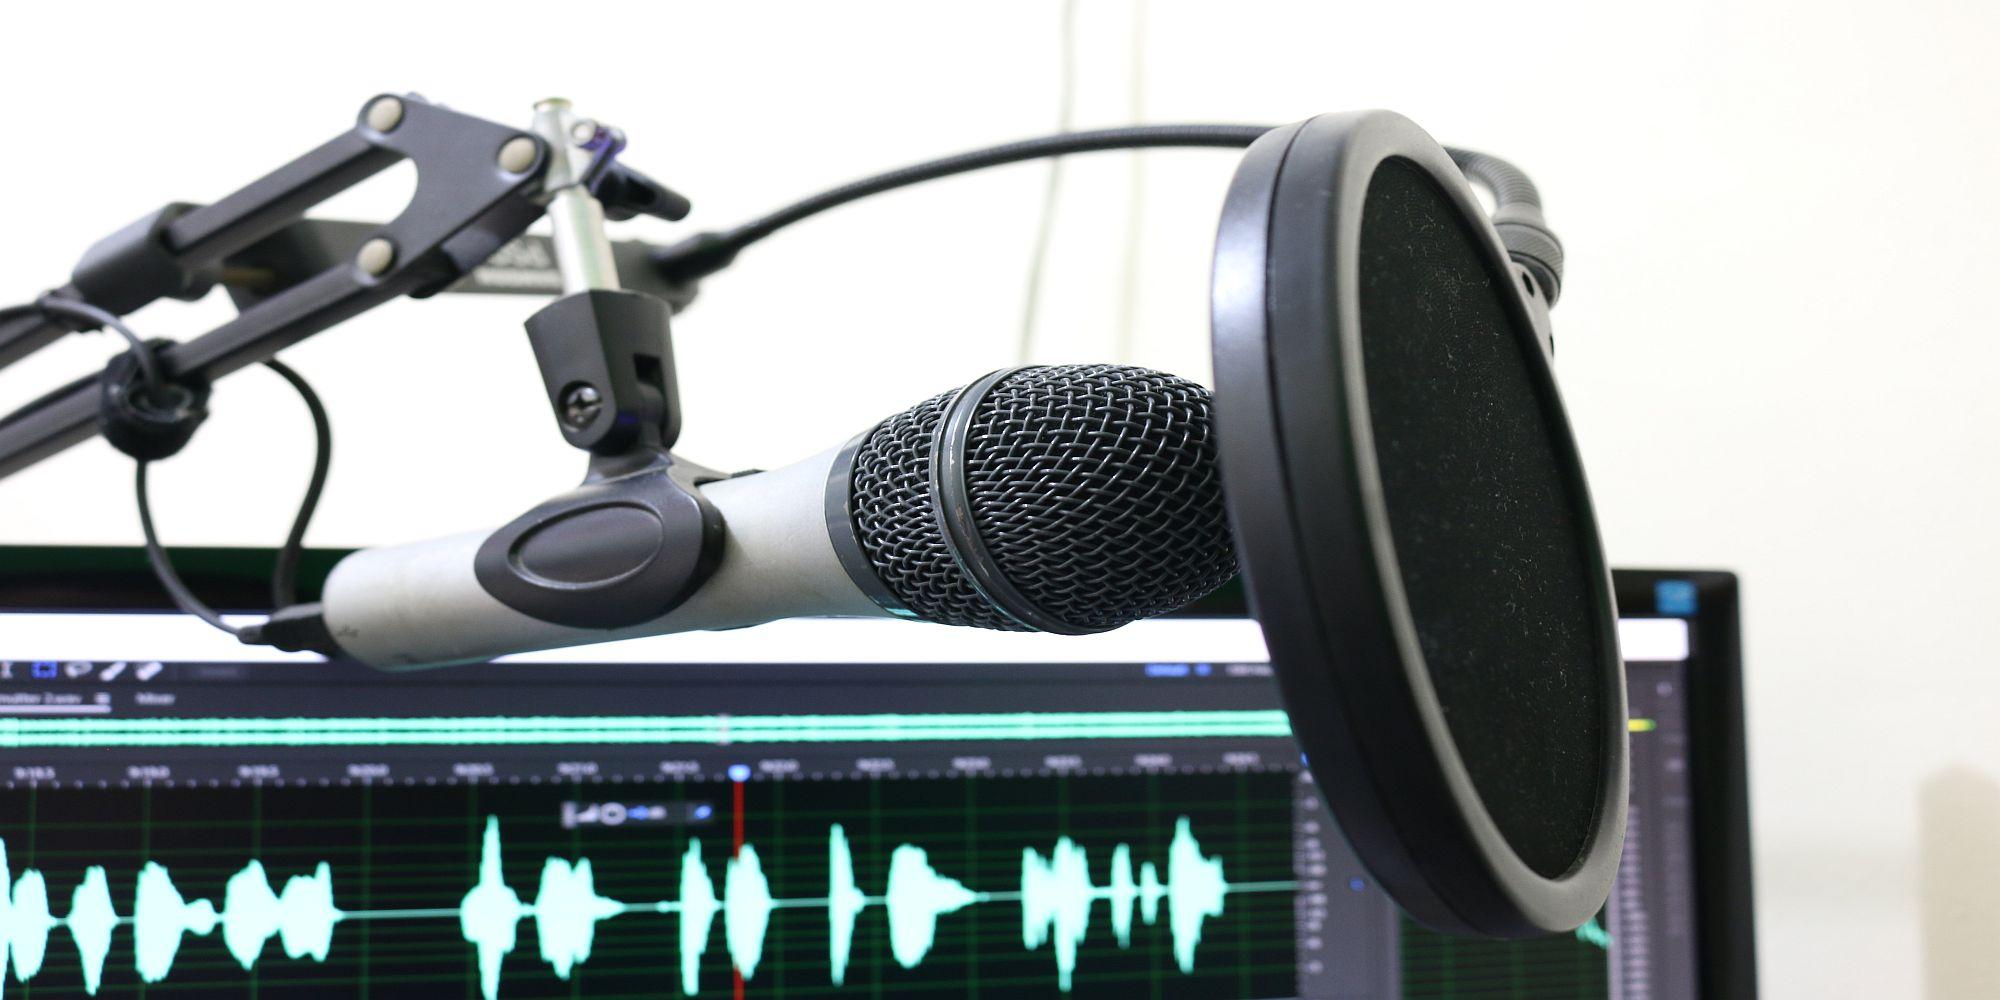 Podcasty o tematyce związanej z bezpieczeństwem